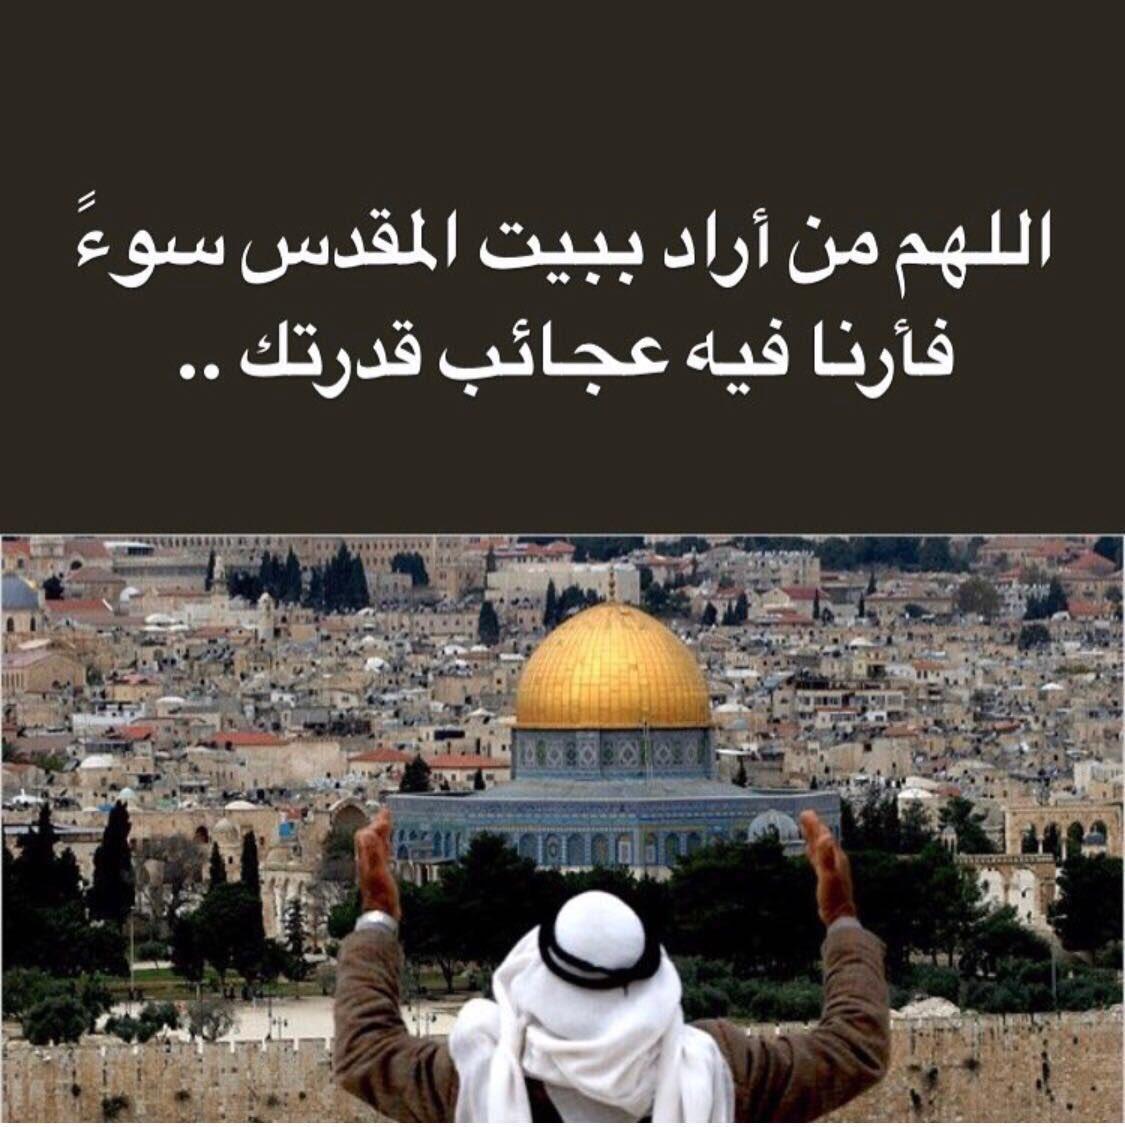 آدم بن محمد's photo on #القدس_ستبقي_عربيه